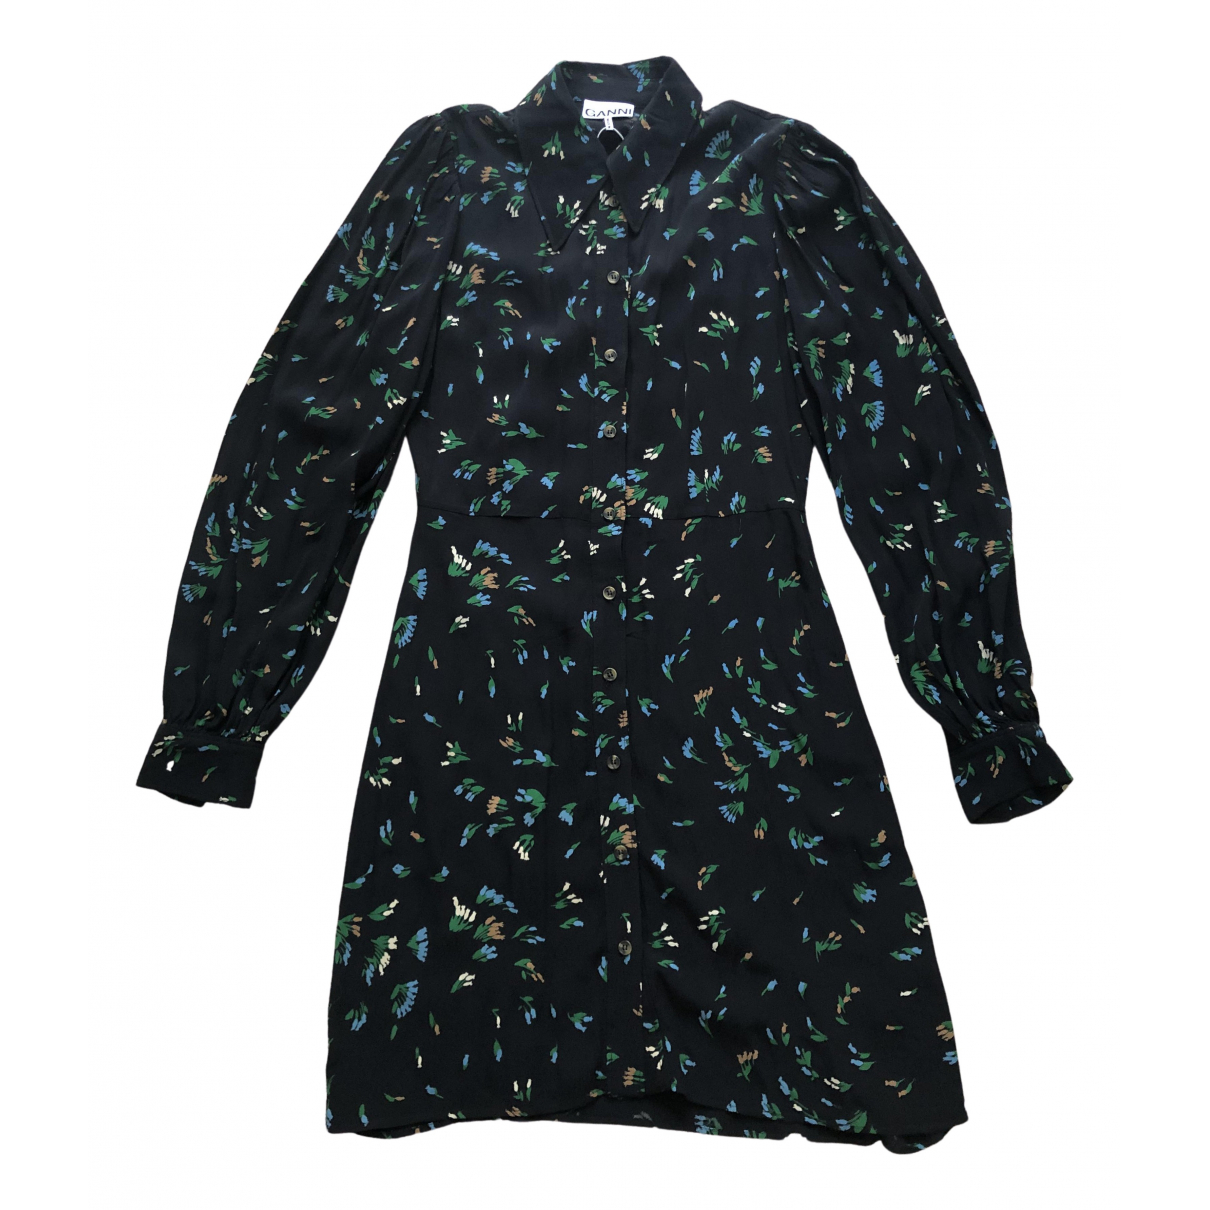 Mini vestido Fall Winter 2019 Ganni